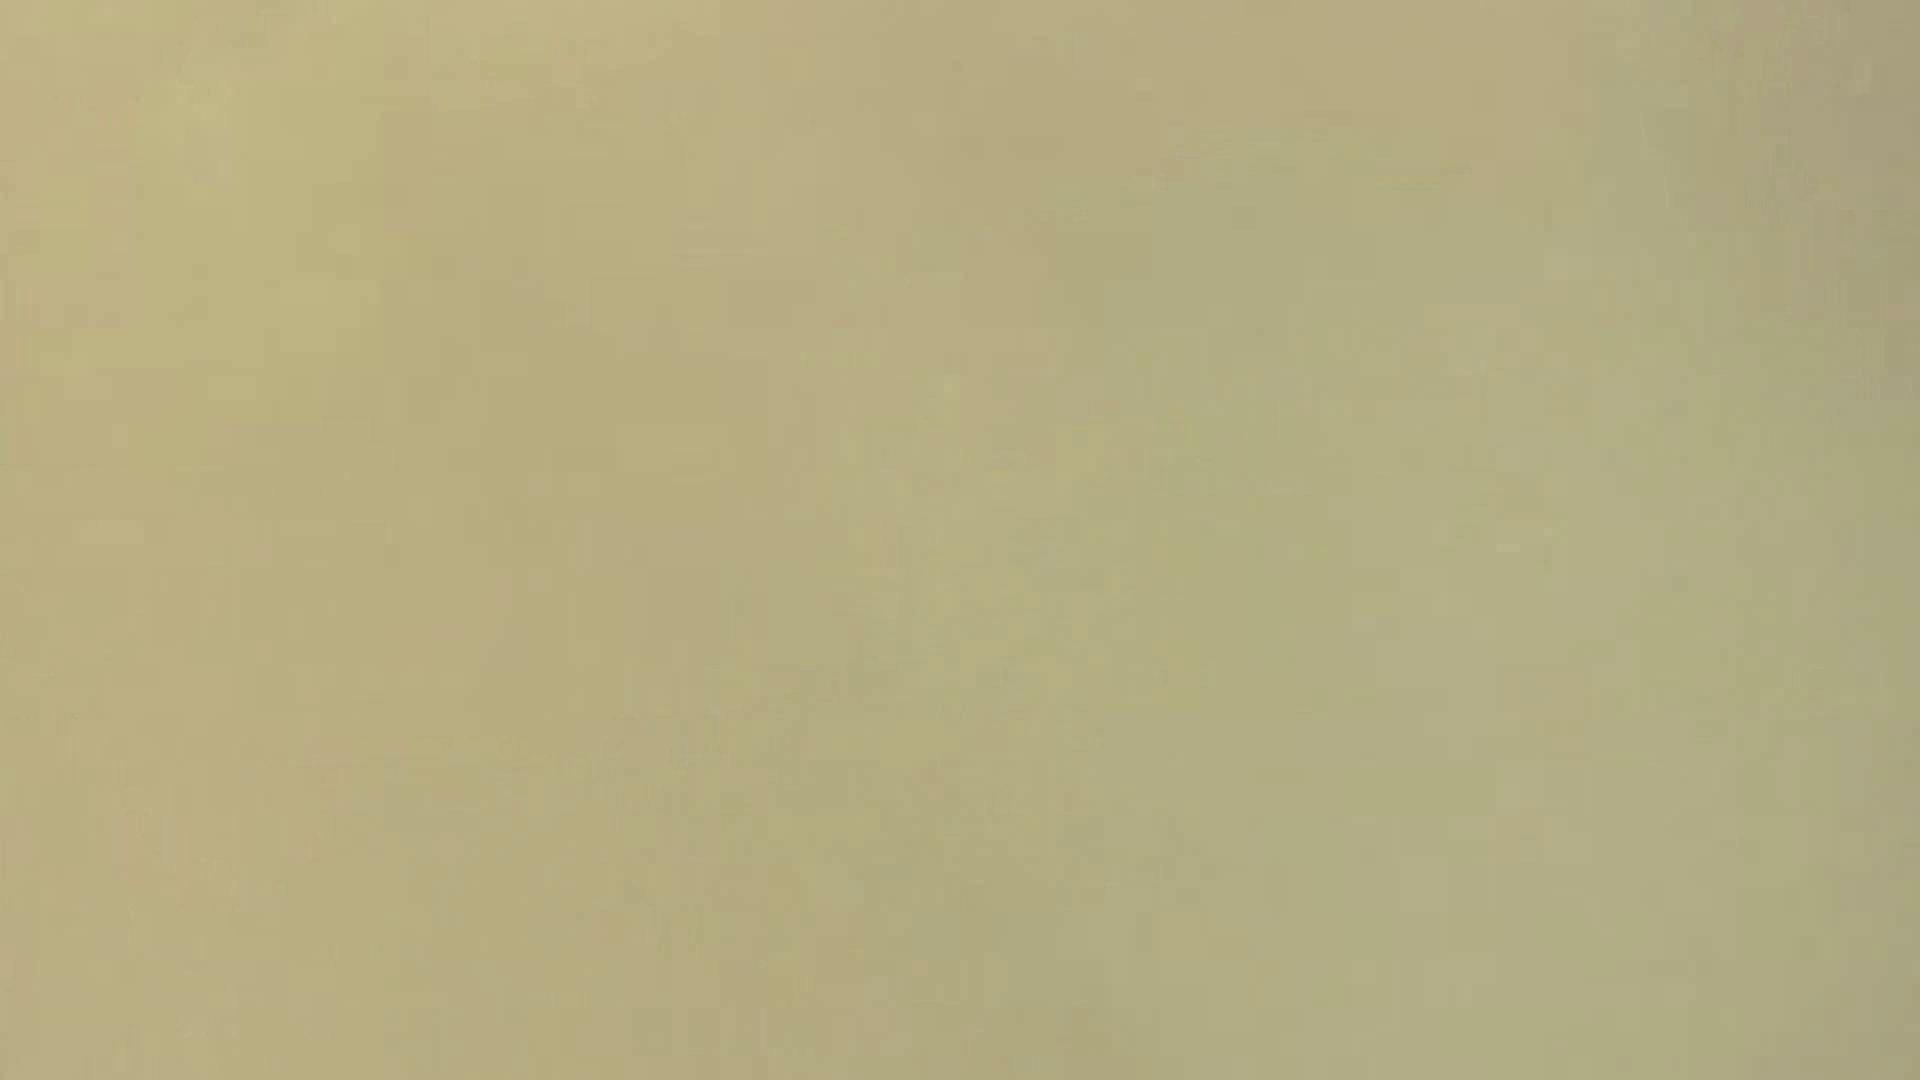 ロックハンドさんの盗撮記録File.36 モロだしオマンコ SEX無修正画像 99pic 68